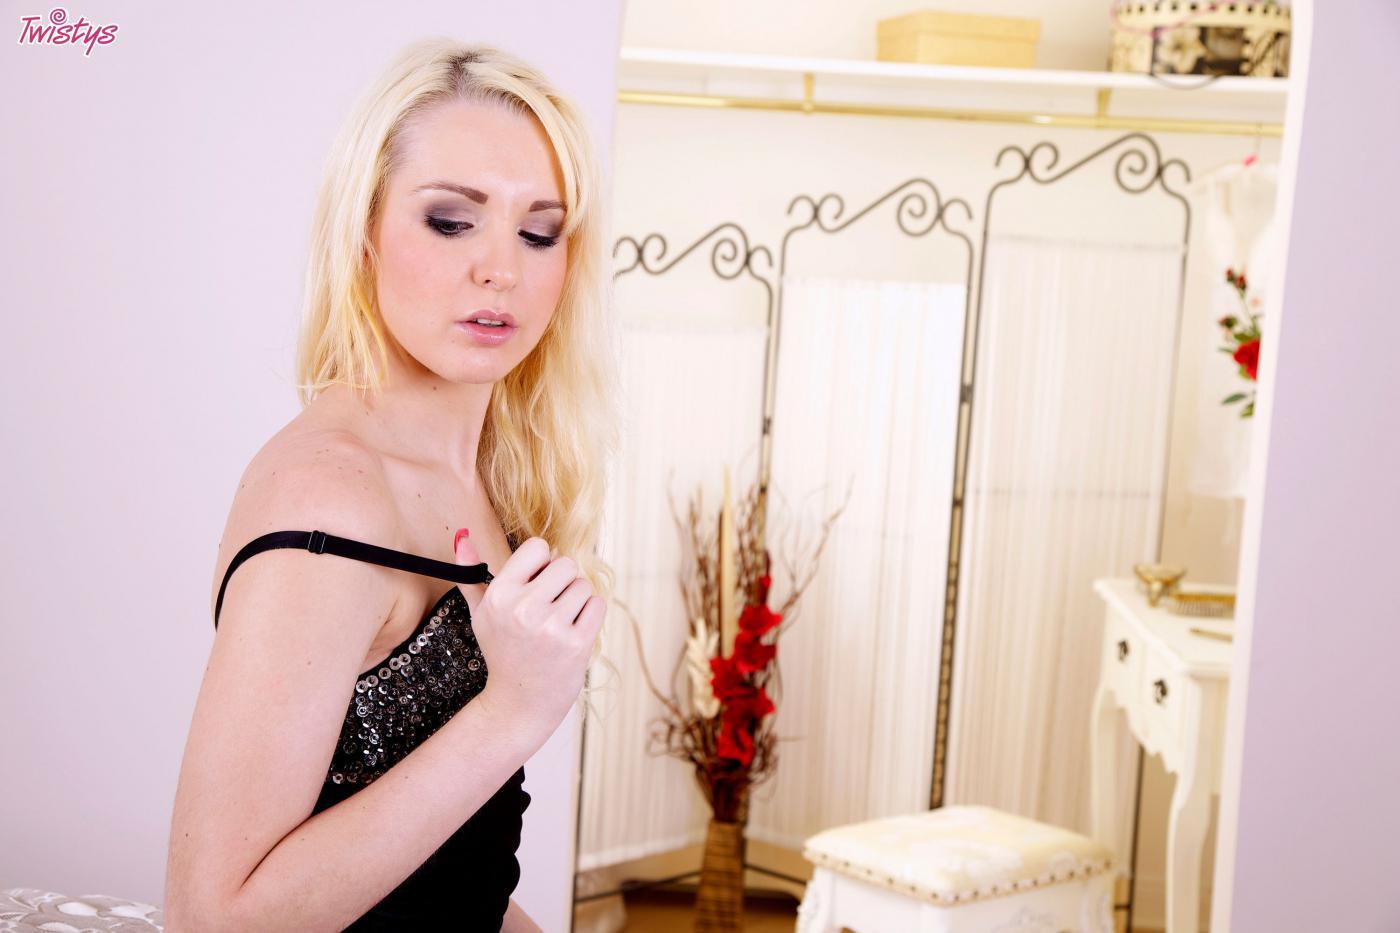 Аппетитная блондинка в черной сорочке Samantha Louise раскрывает и трахает пальчиками свою киску